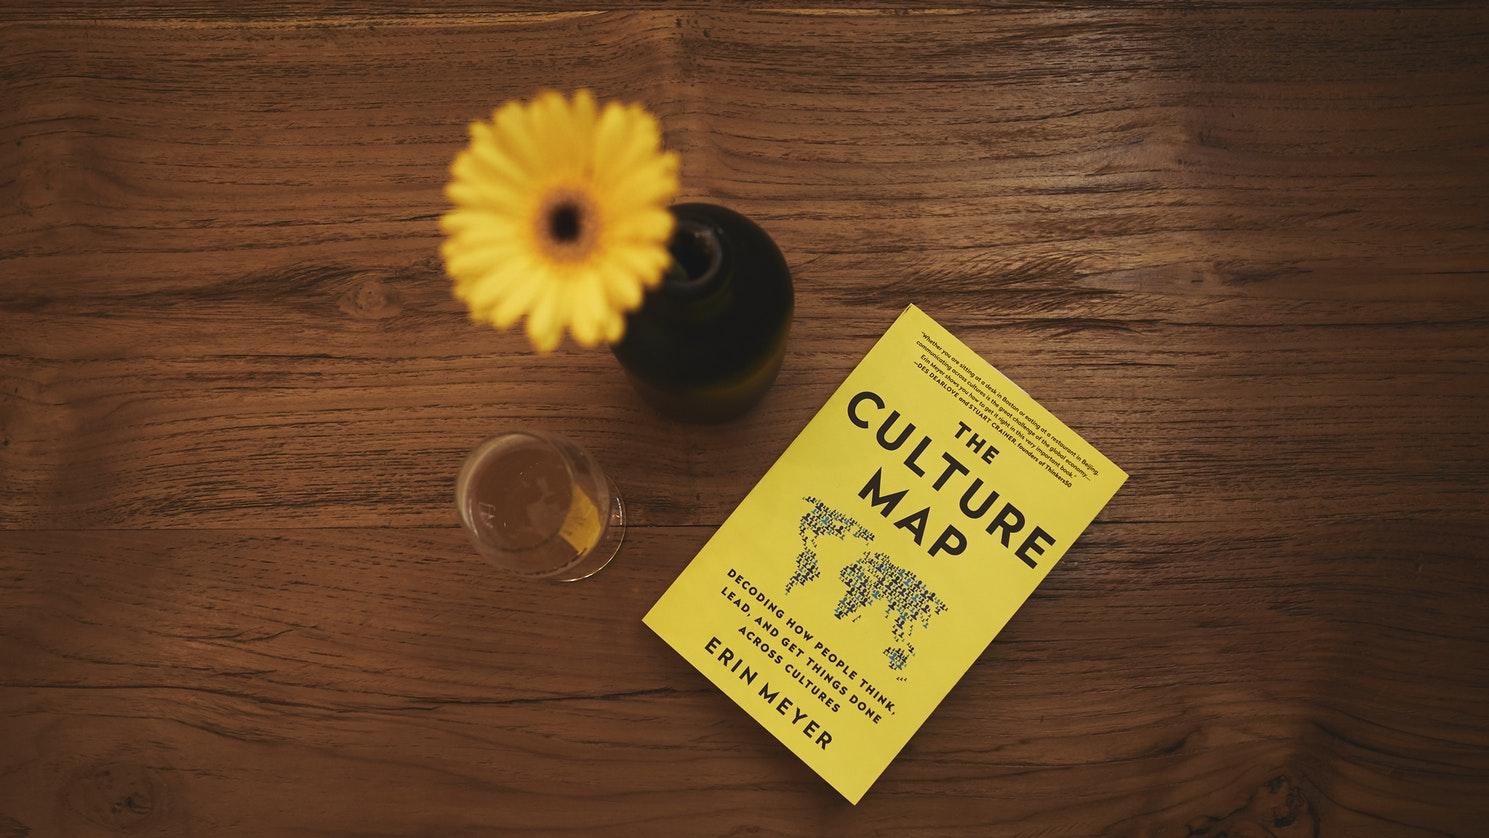 """Vaso de flor amarela e papel amarelo escrito """"the culture map"""" sobre mesa de madeira"""